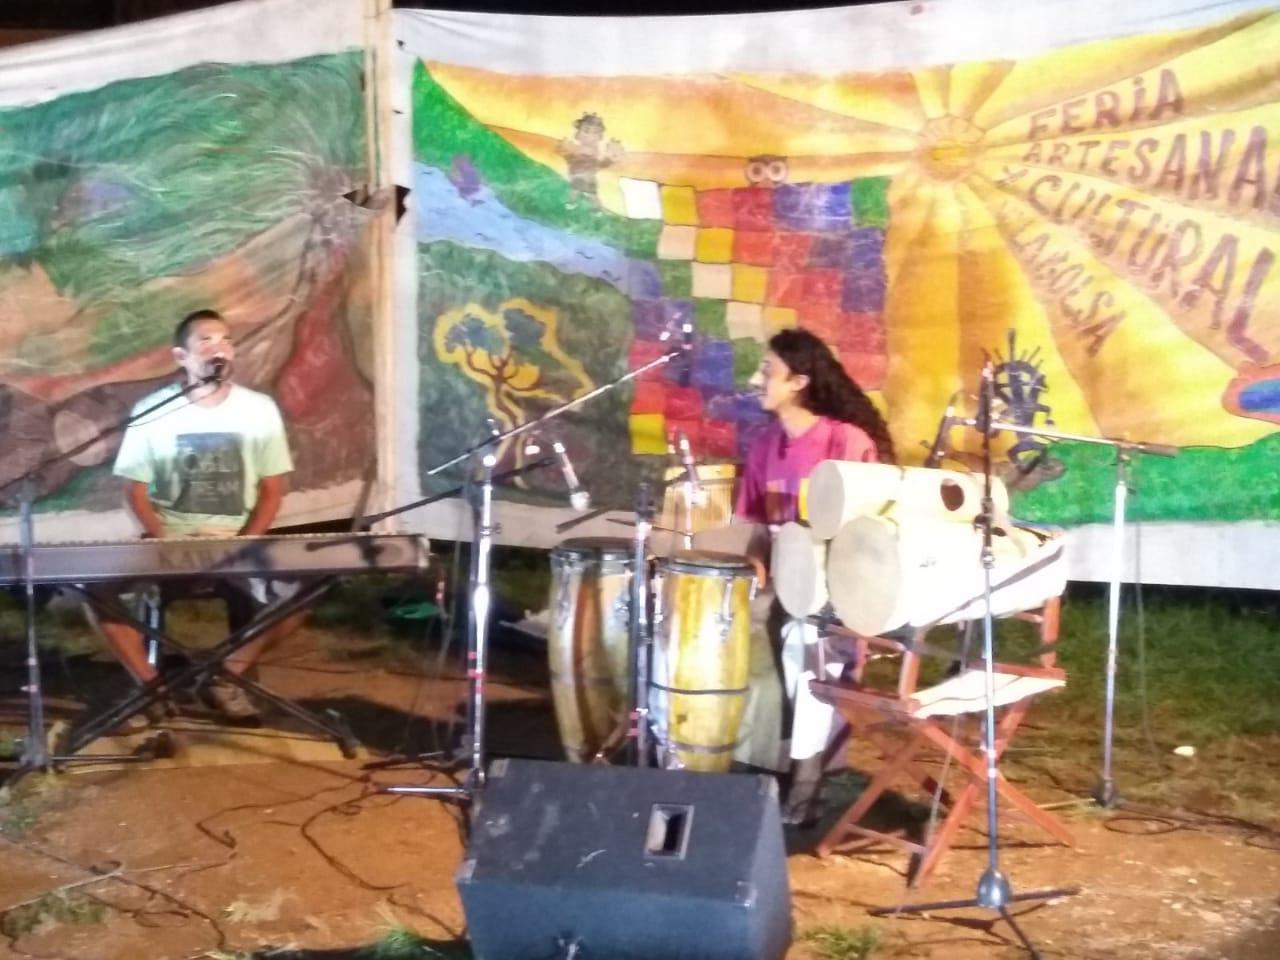 La Bolsa es una fiesta de artesanía, música y color